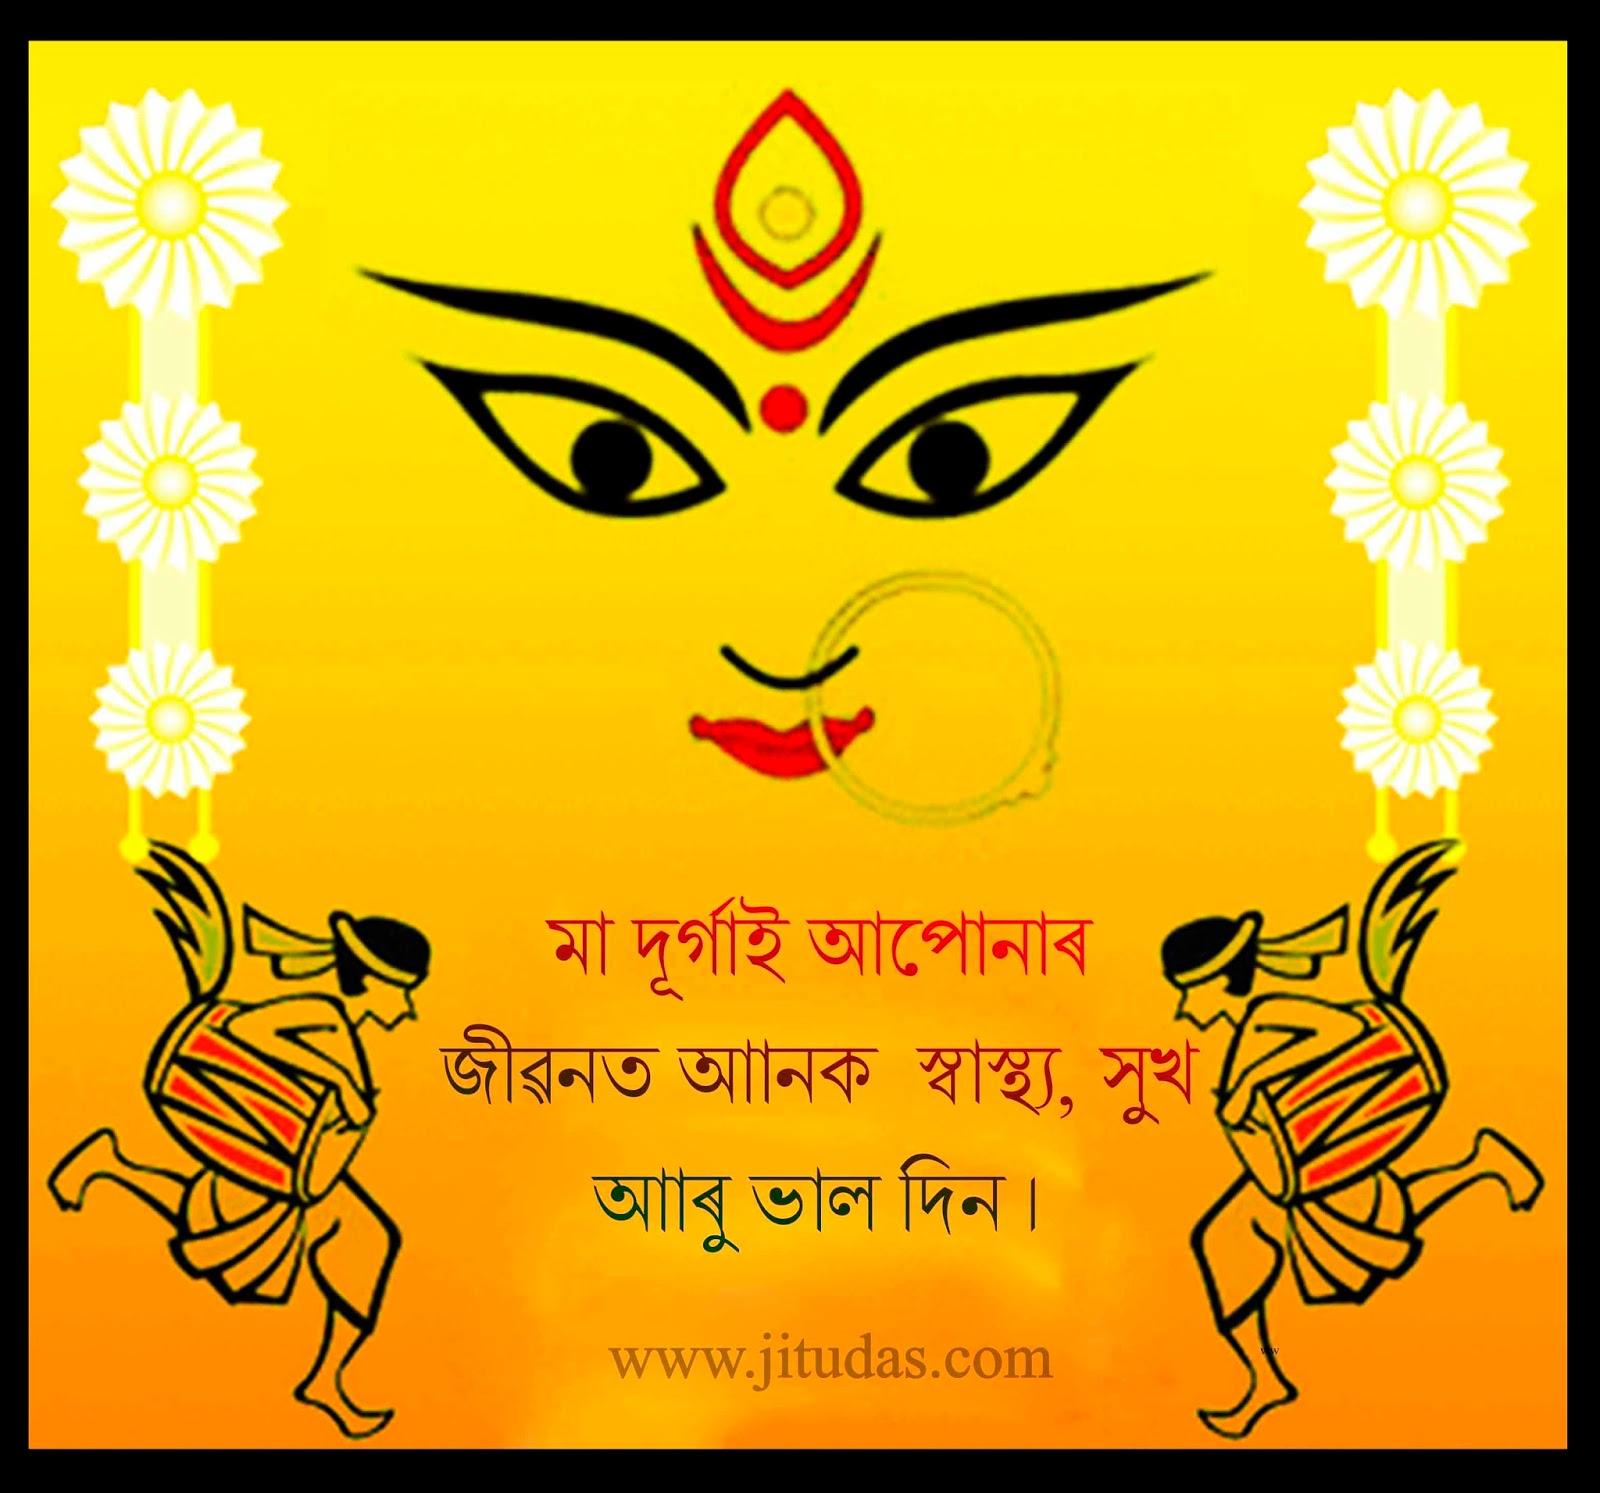 Assamese Durga Puja 2017 Wish Greetings Image Wallpaper Jitu